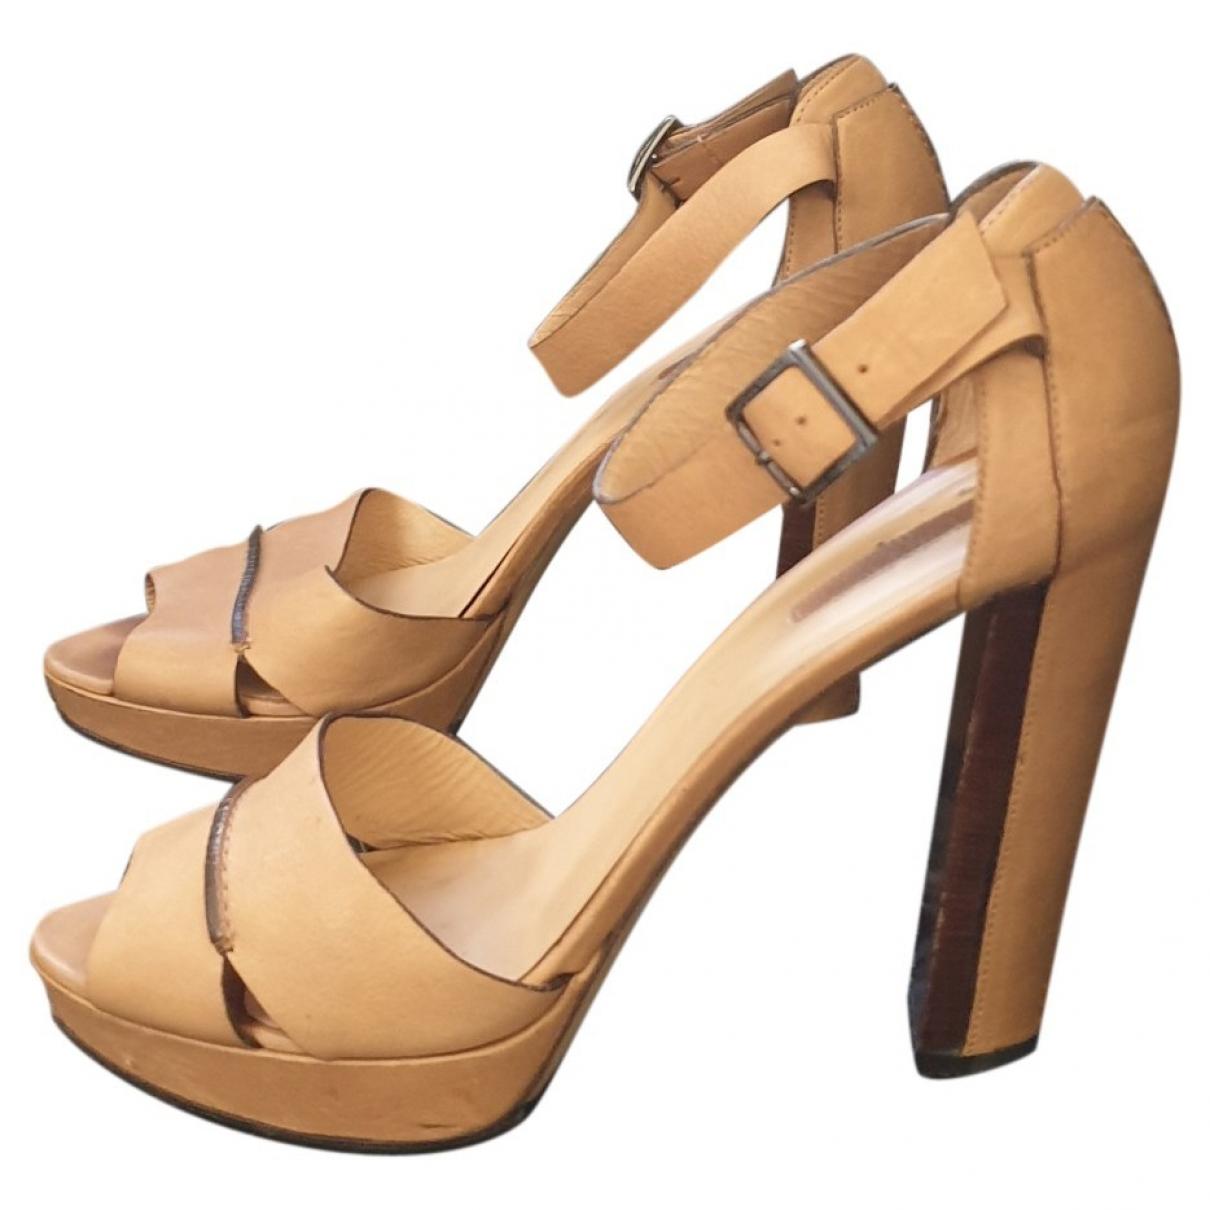 Longchamp - Sandales   pour femme en cuir - beige